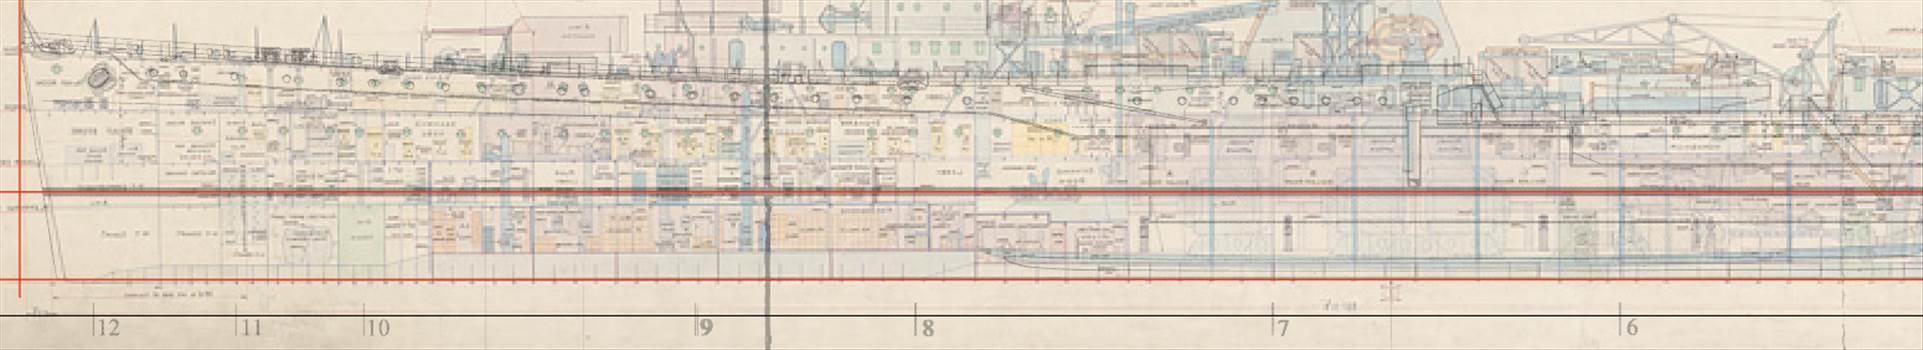 HMS Ajax GMM builders vs Profile Morskie Profile 1.png by jamieduff1981